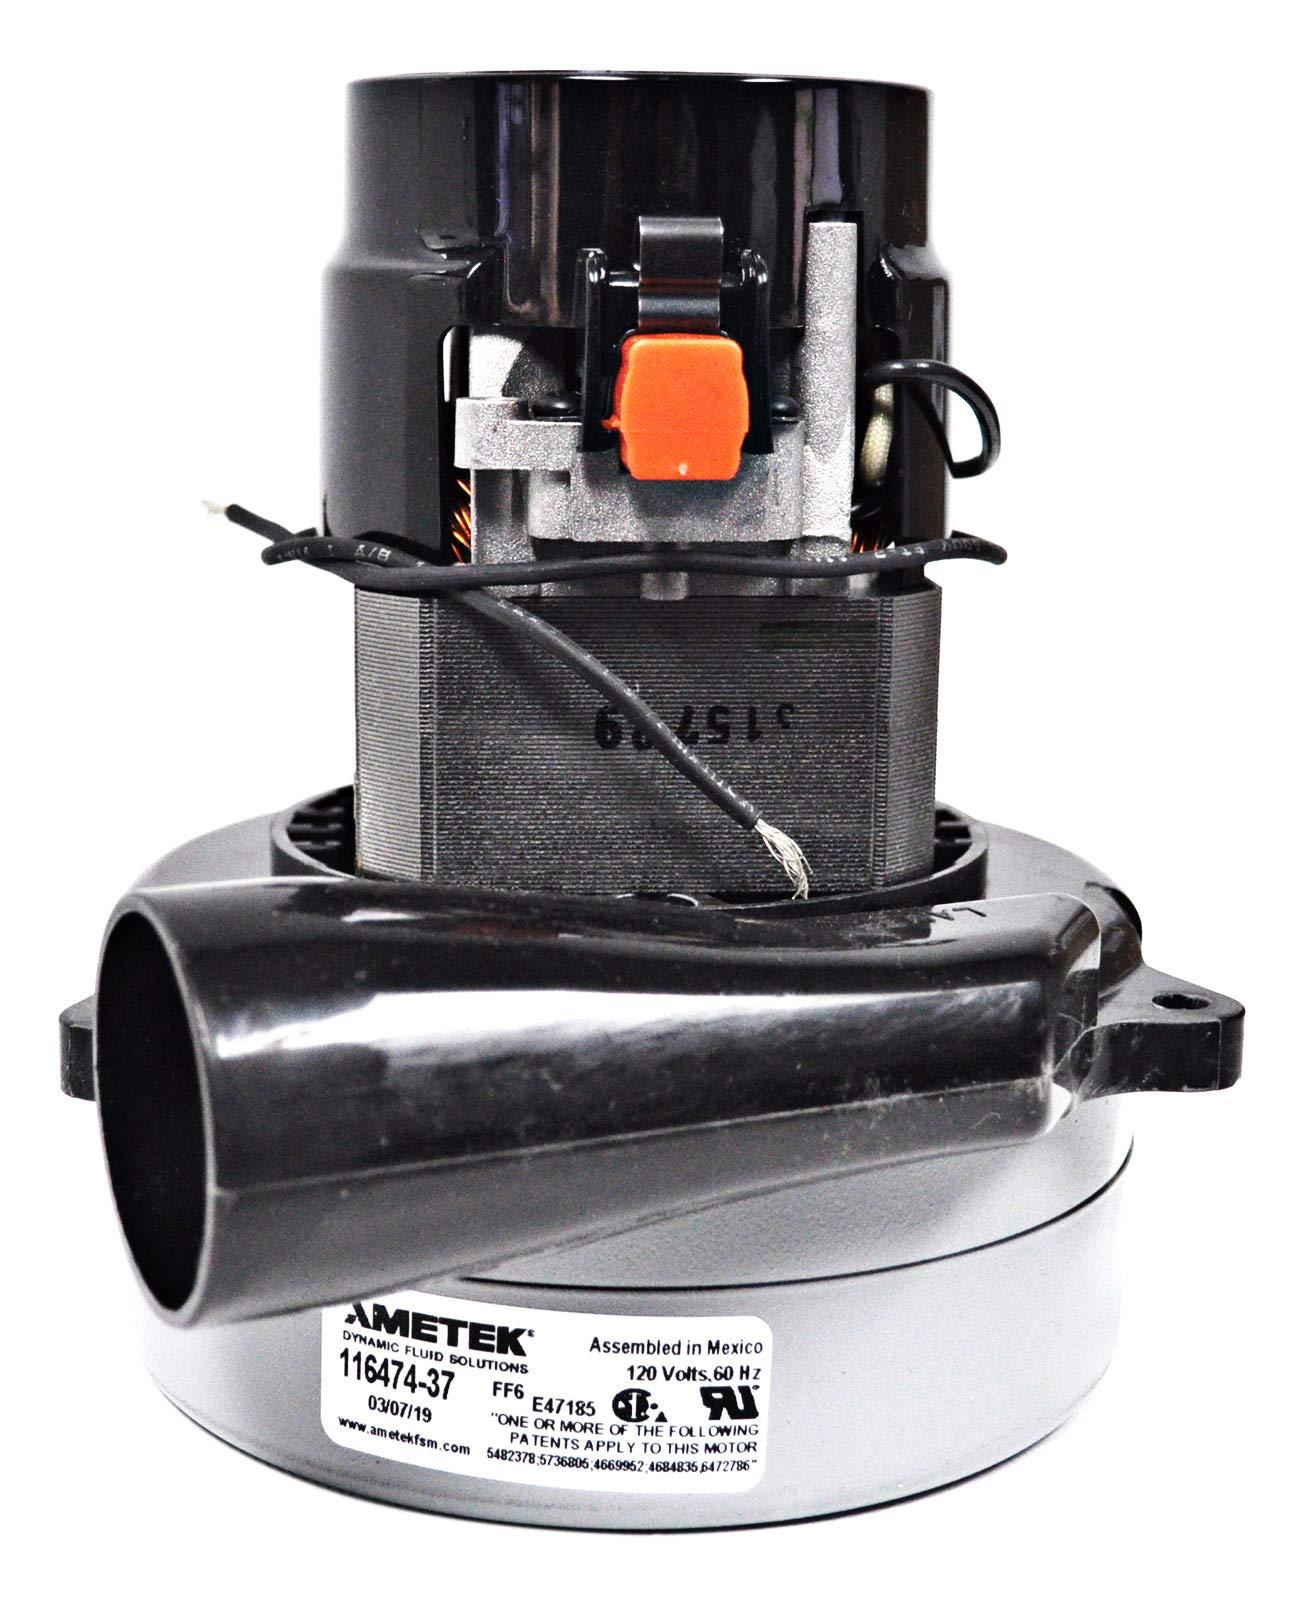 Ametek Lamb 5.7 Inch 120 Volt 2 Stage B/B Tangential Bypass Vacuum Motor 116474-37 by Ametek